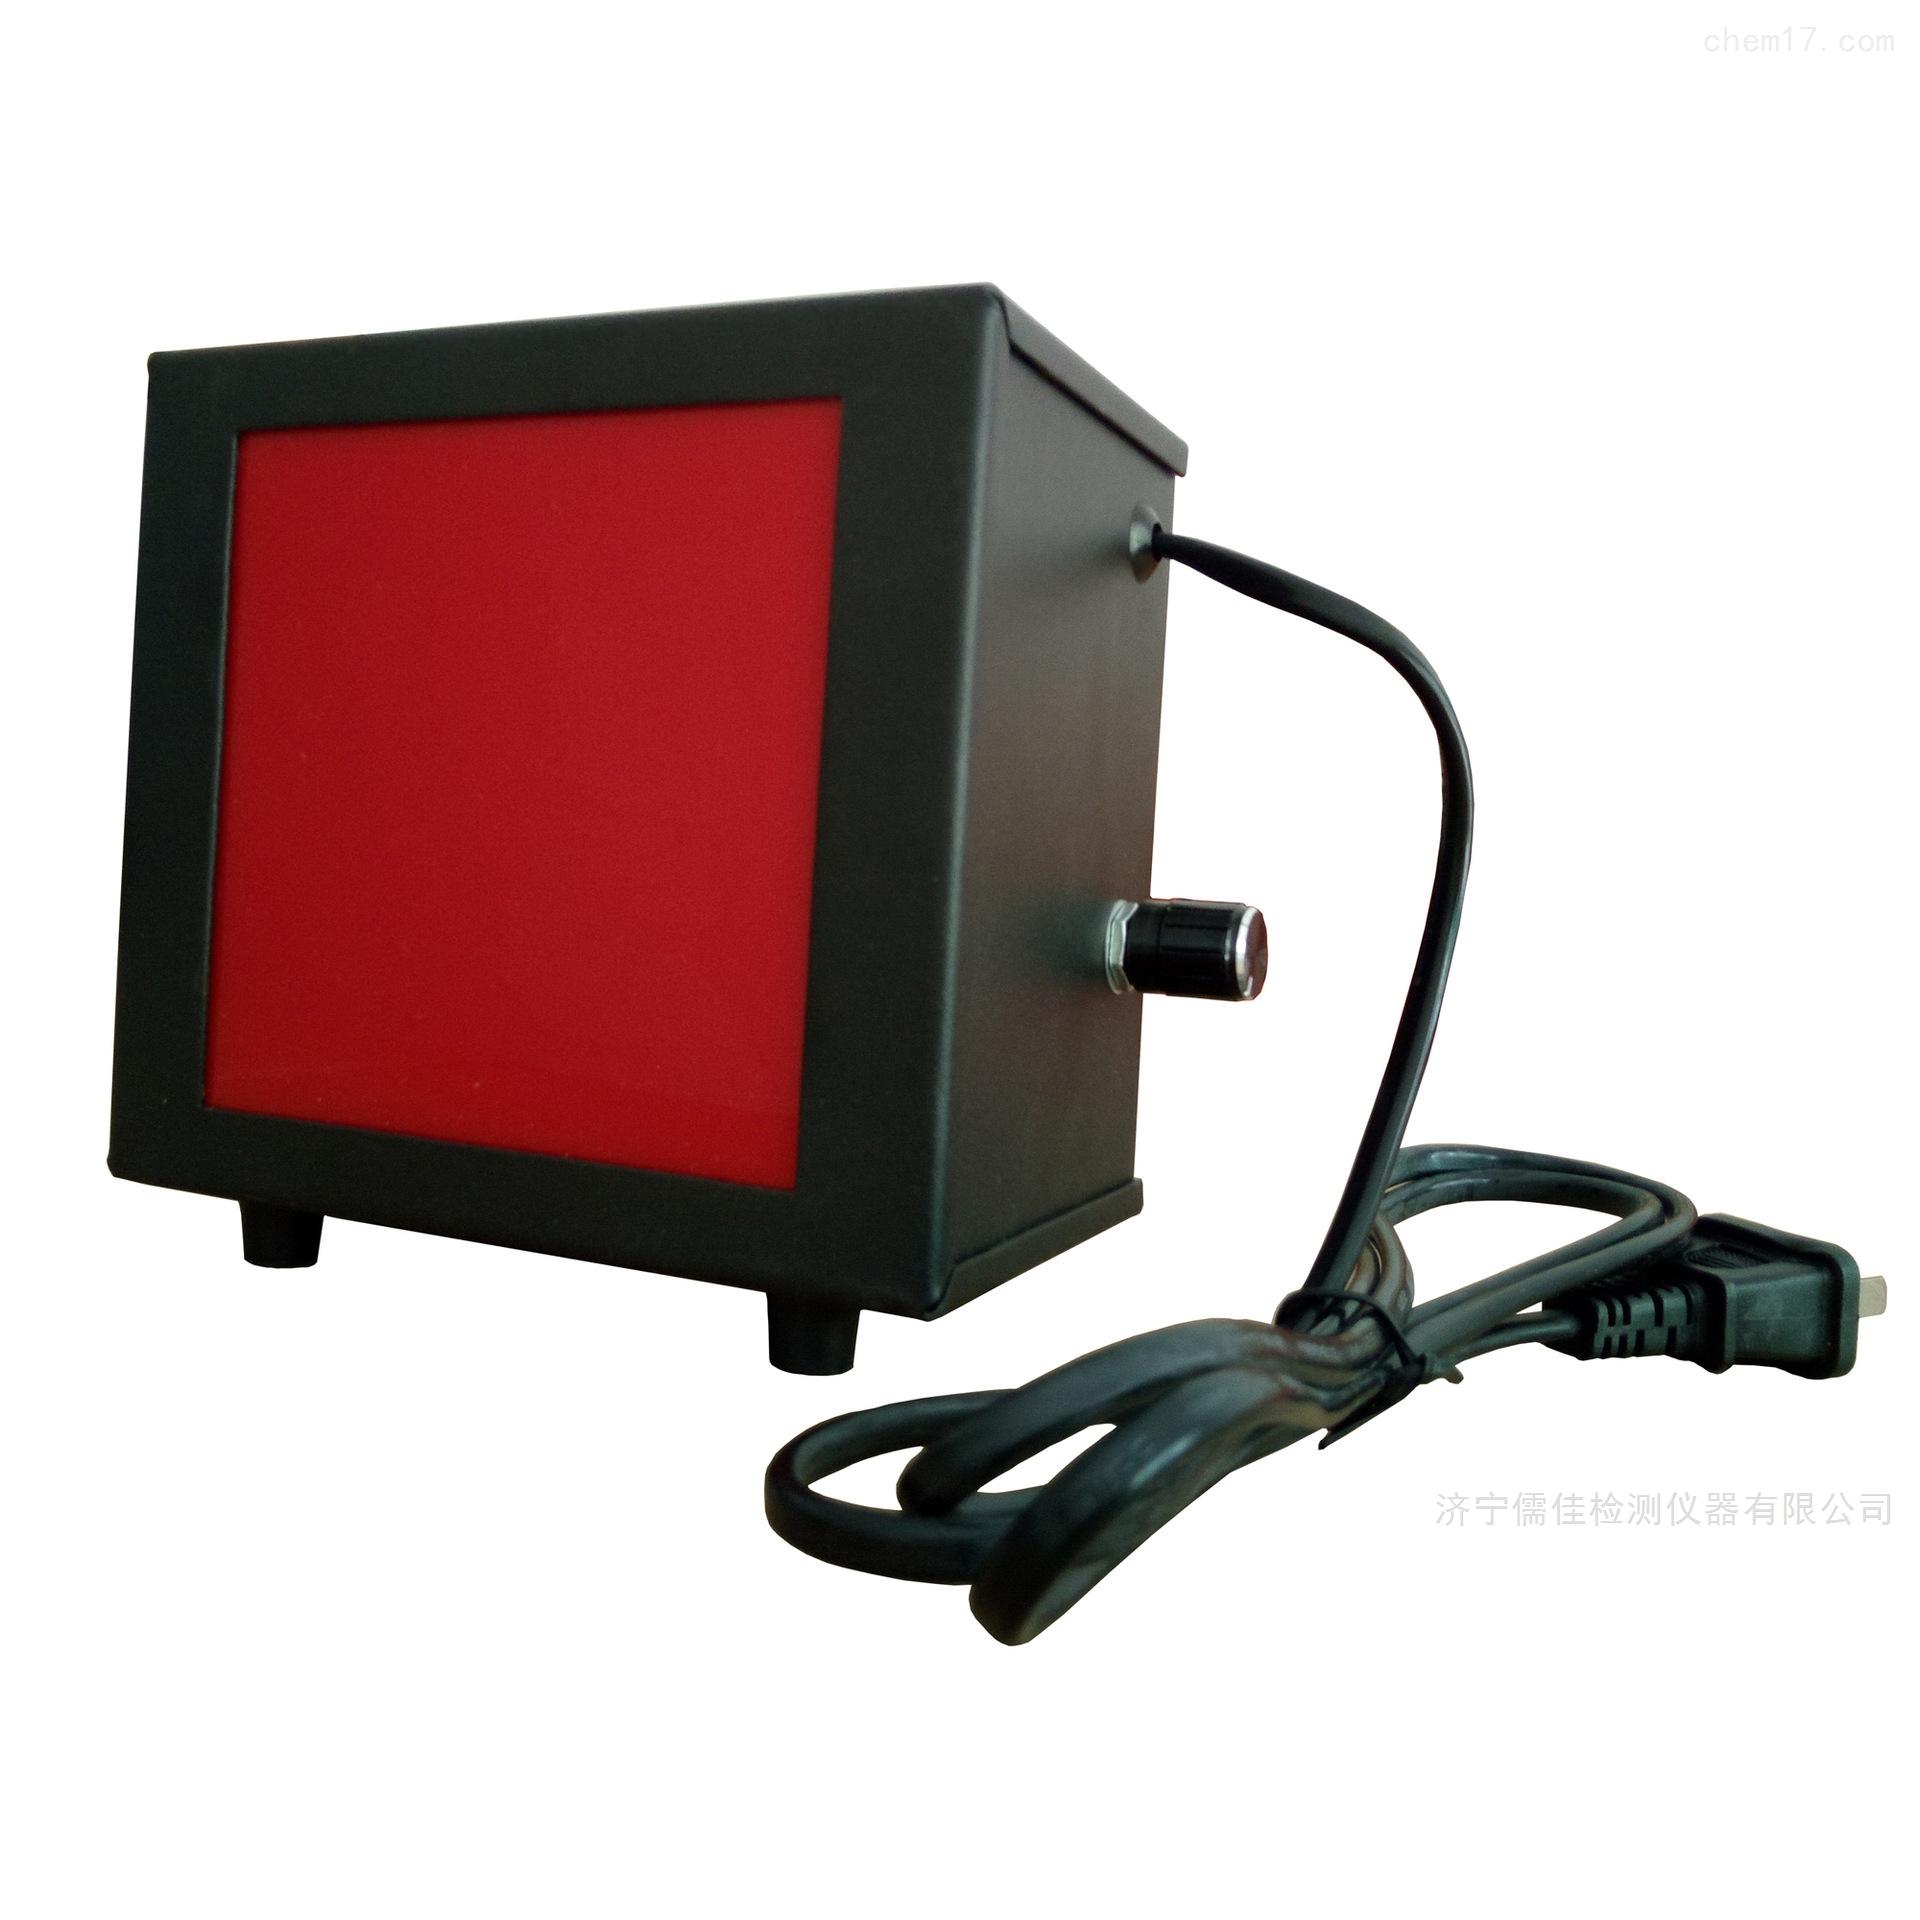 數字定時器暗室紅燈